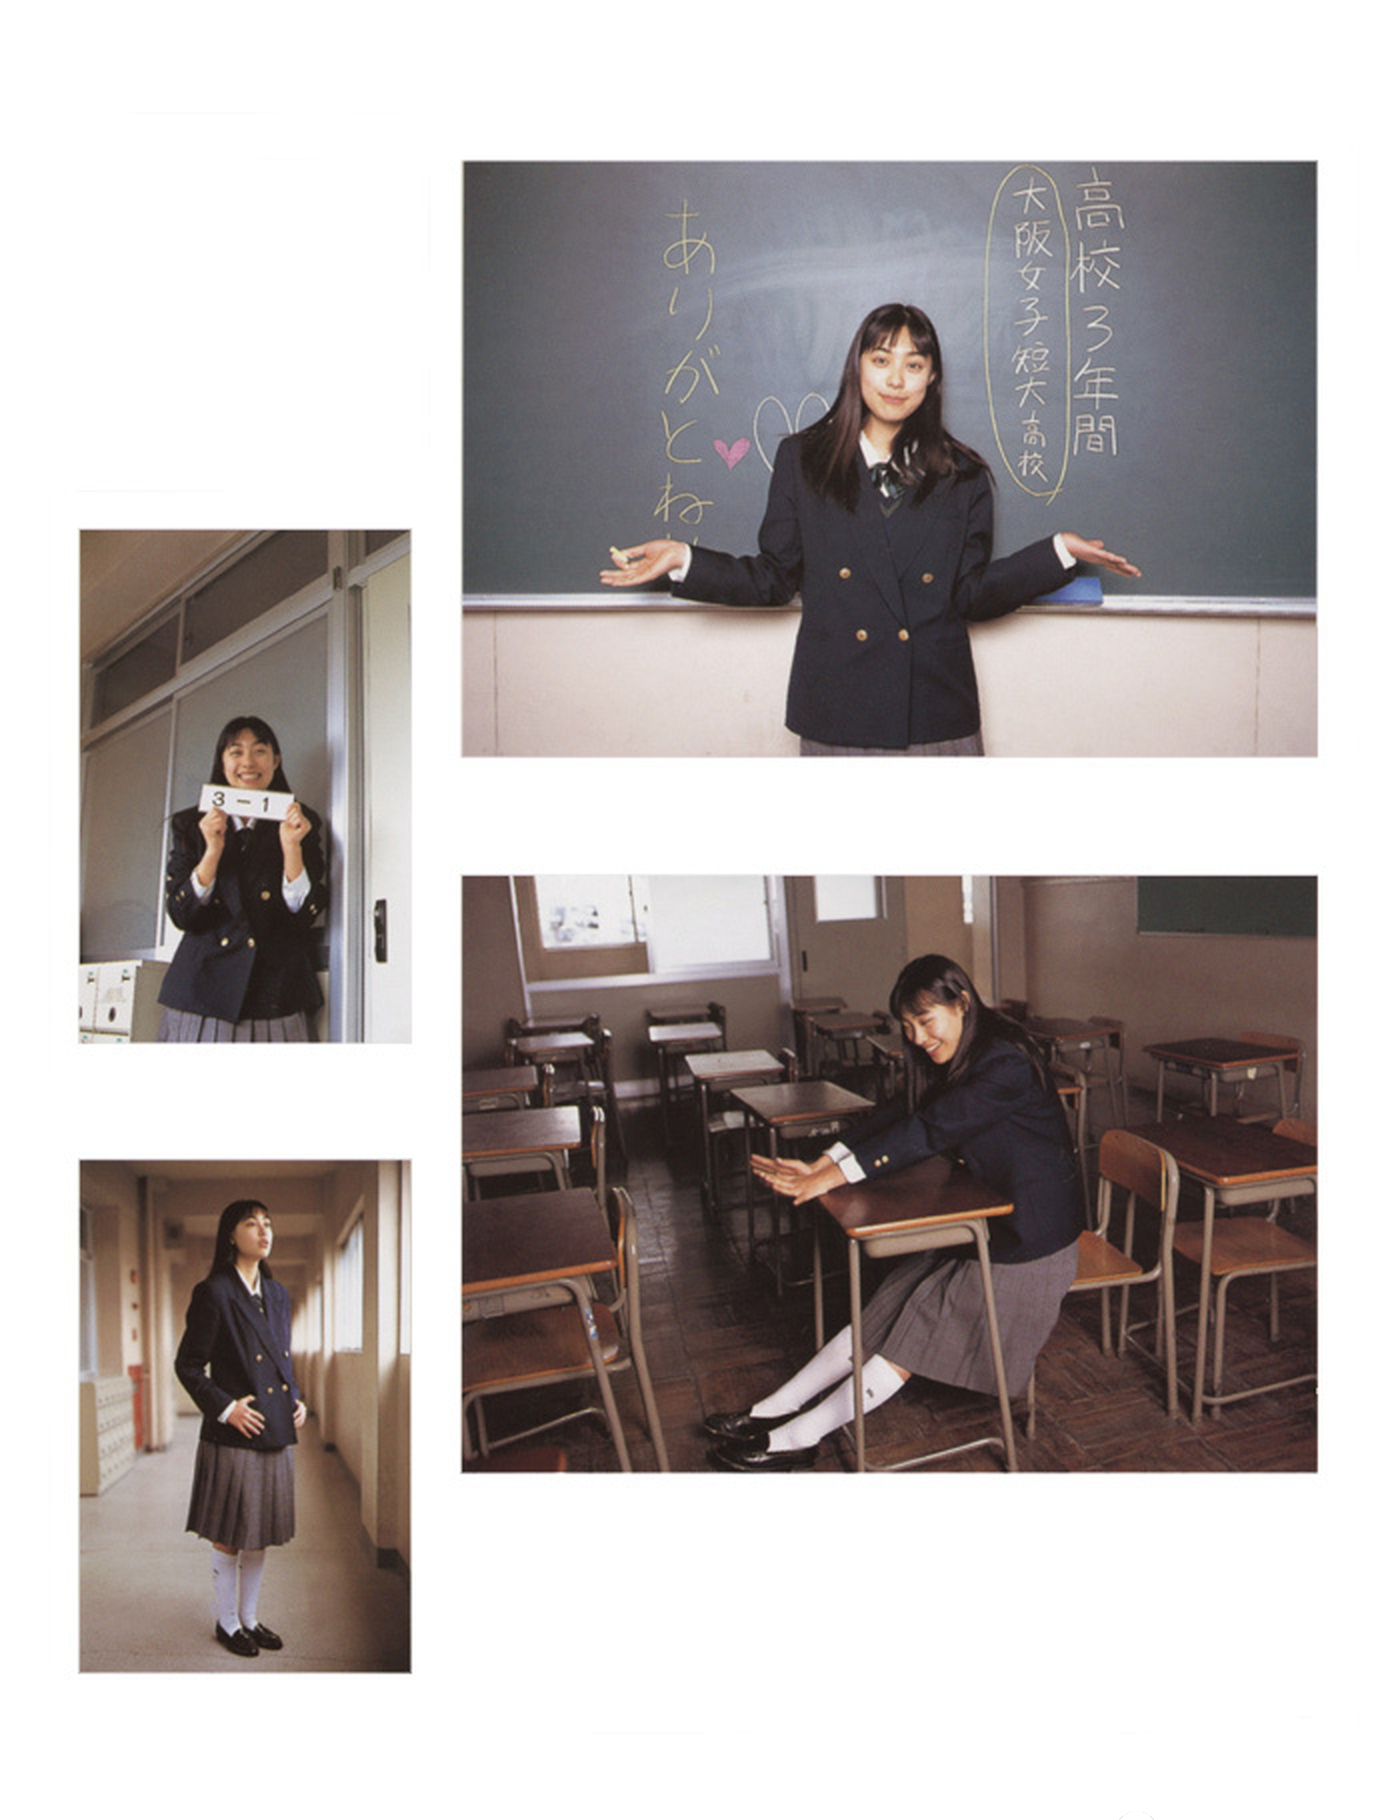 被锁在保险柜里的日本艺人吹石一惠的写真作品 (48)